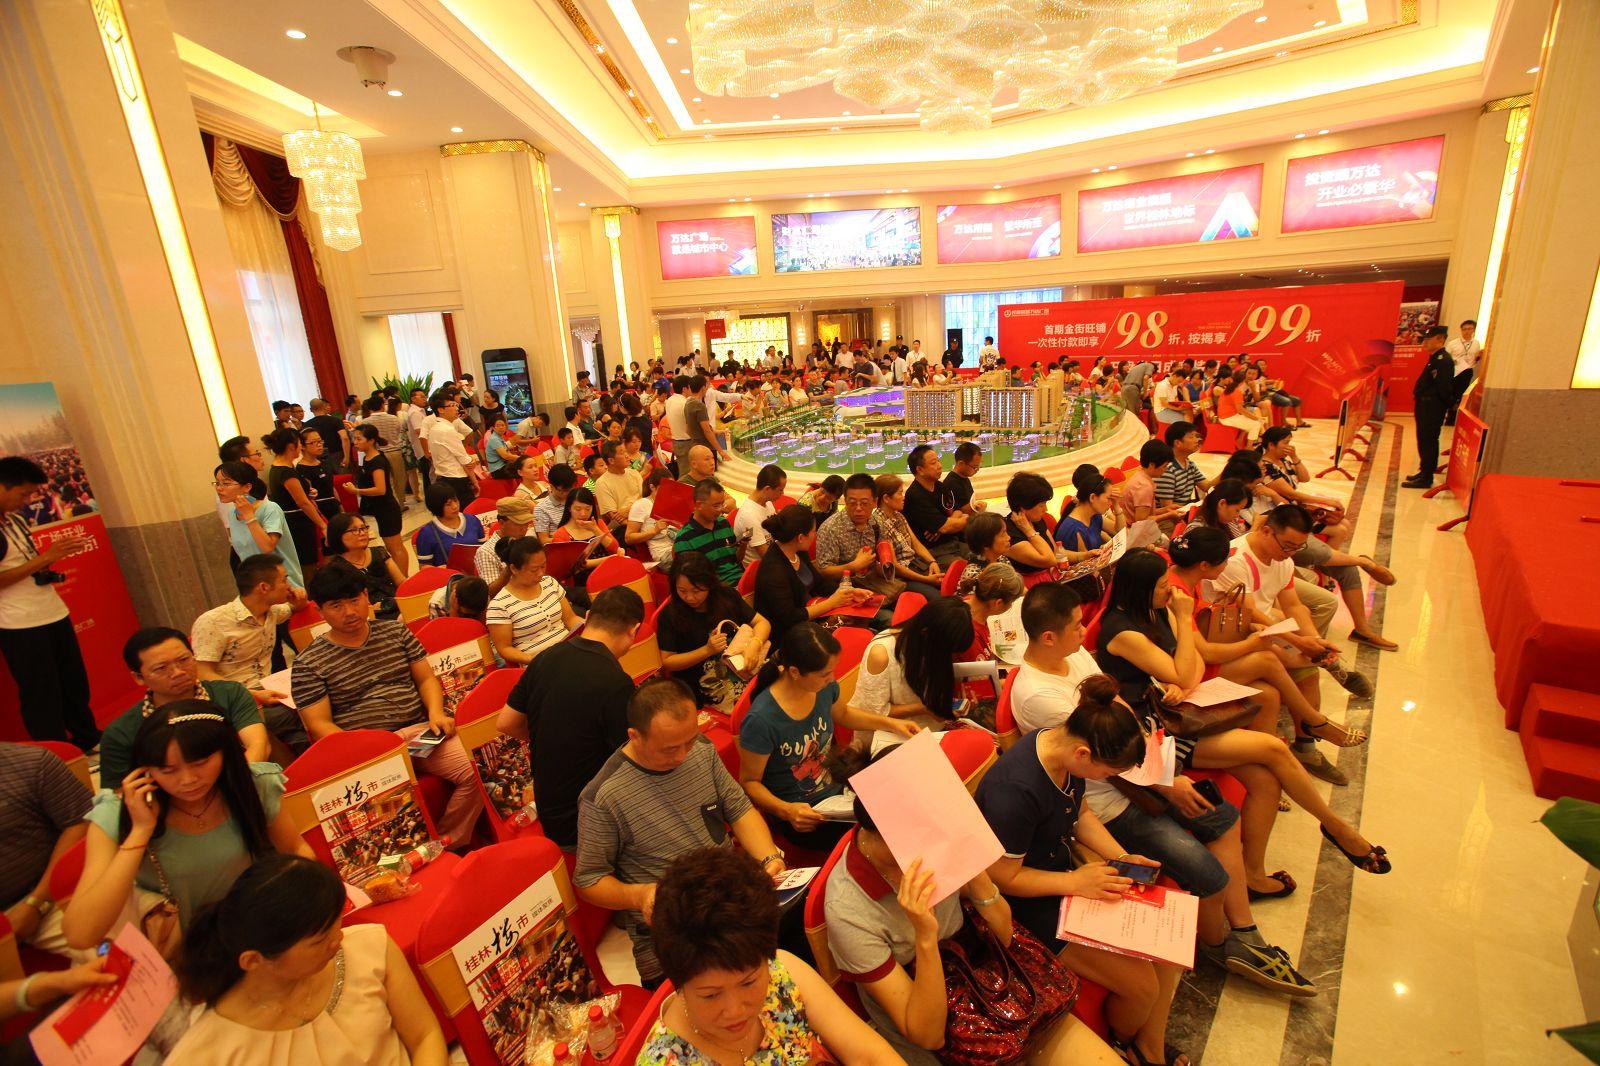 7月25日桂林万达首期金街旺铺开盘图片